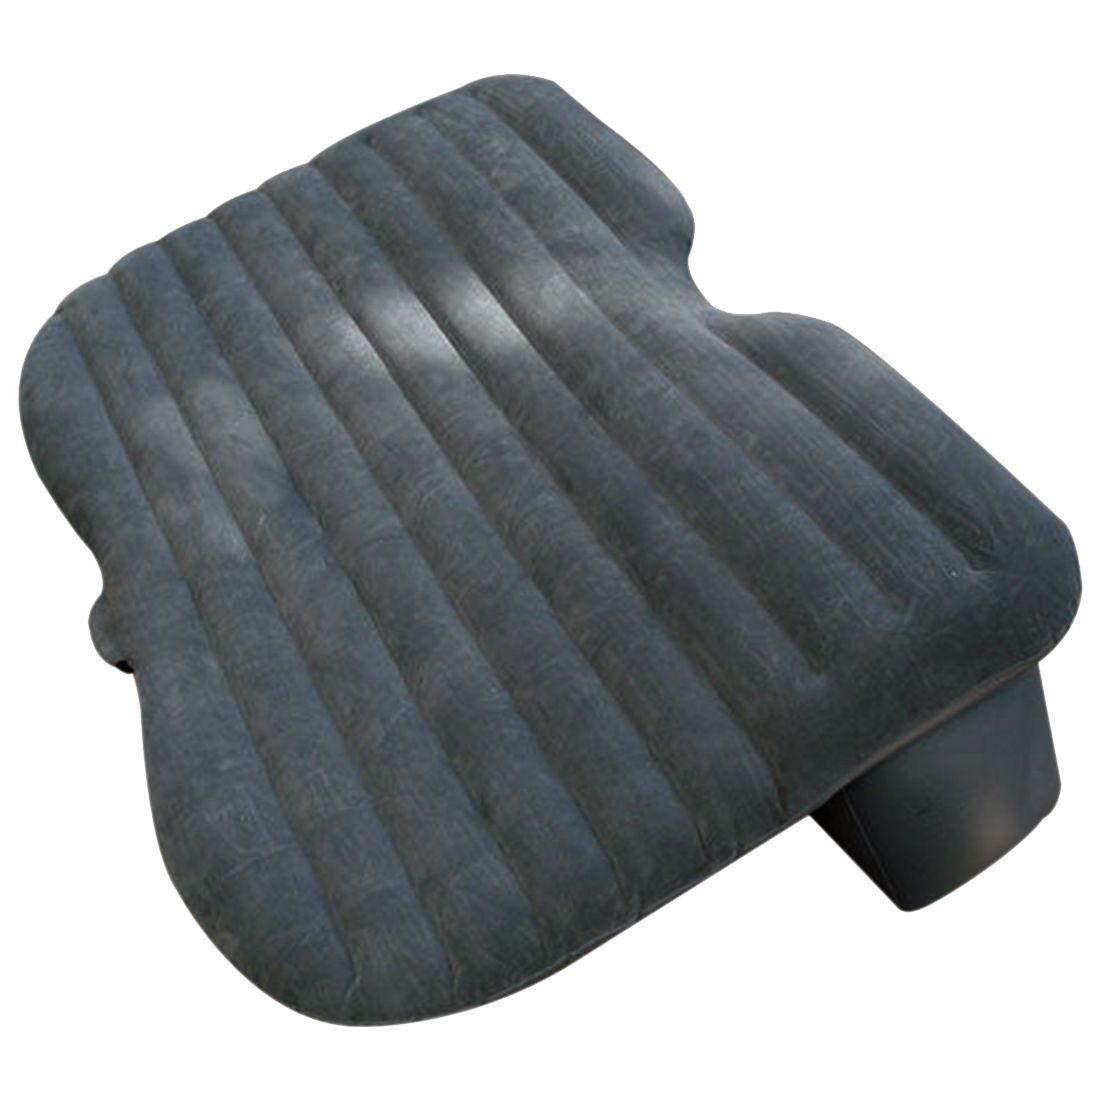 AUTO -Car Air Bed Comfortable Travel Inflatable Car Back Seat Cushion Air Mattress with Air Pump for Camping Trip durable thicken pvc car travel inflatable bed automotive air mattress camping mat with air pump